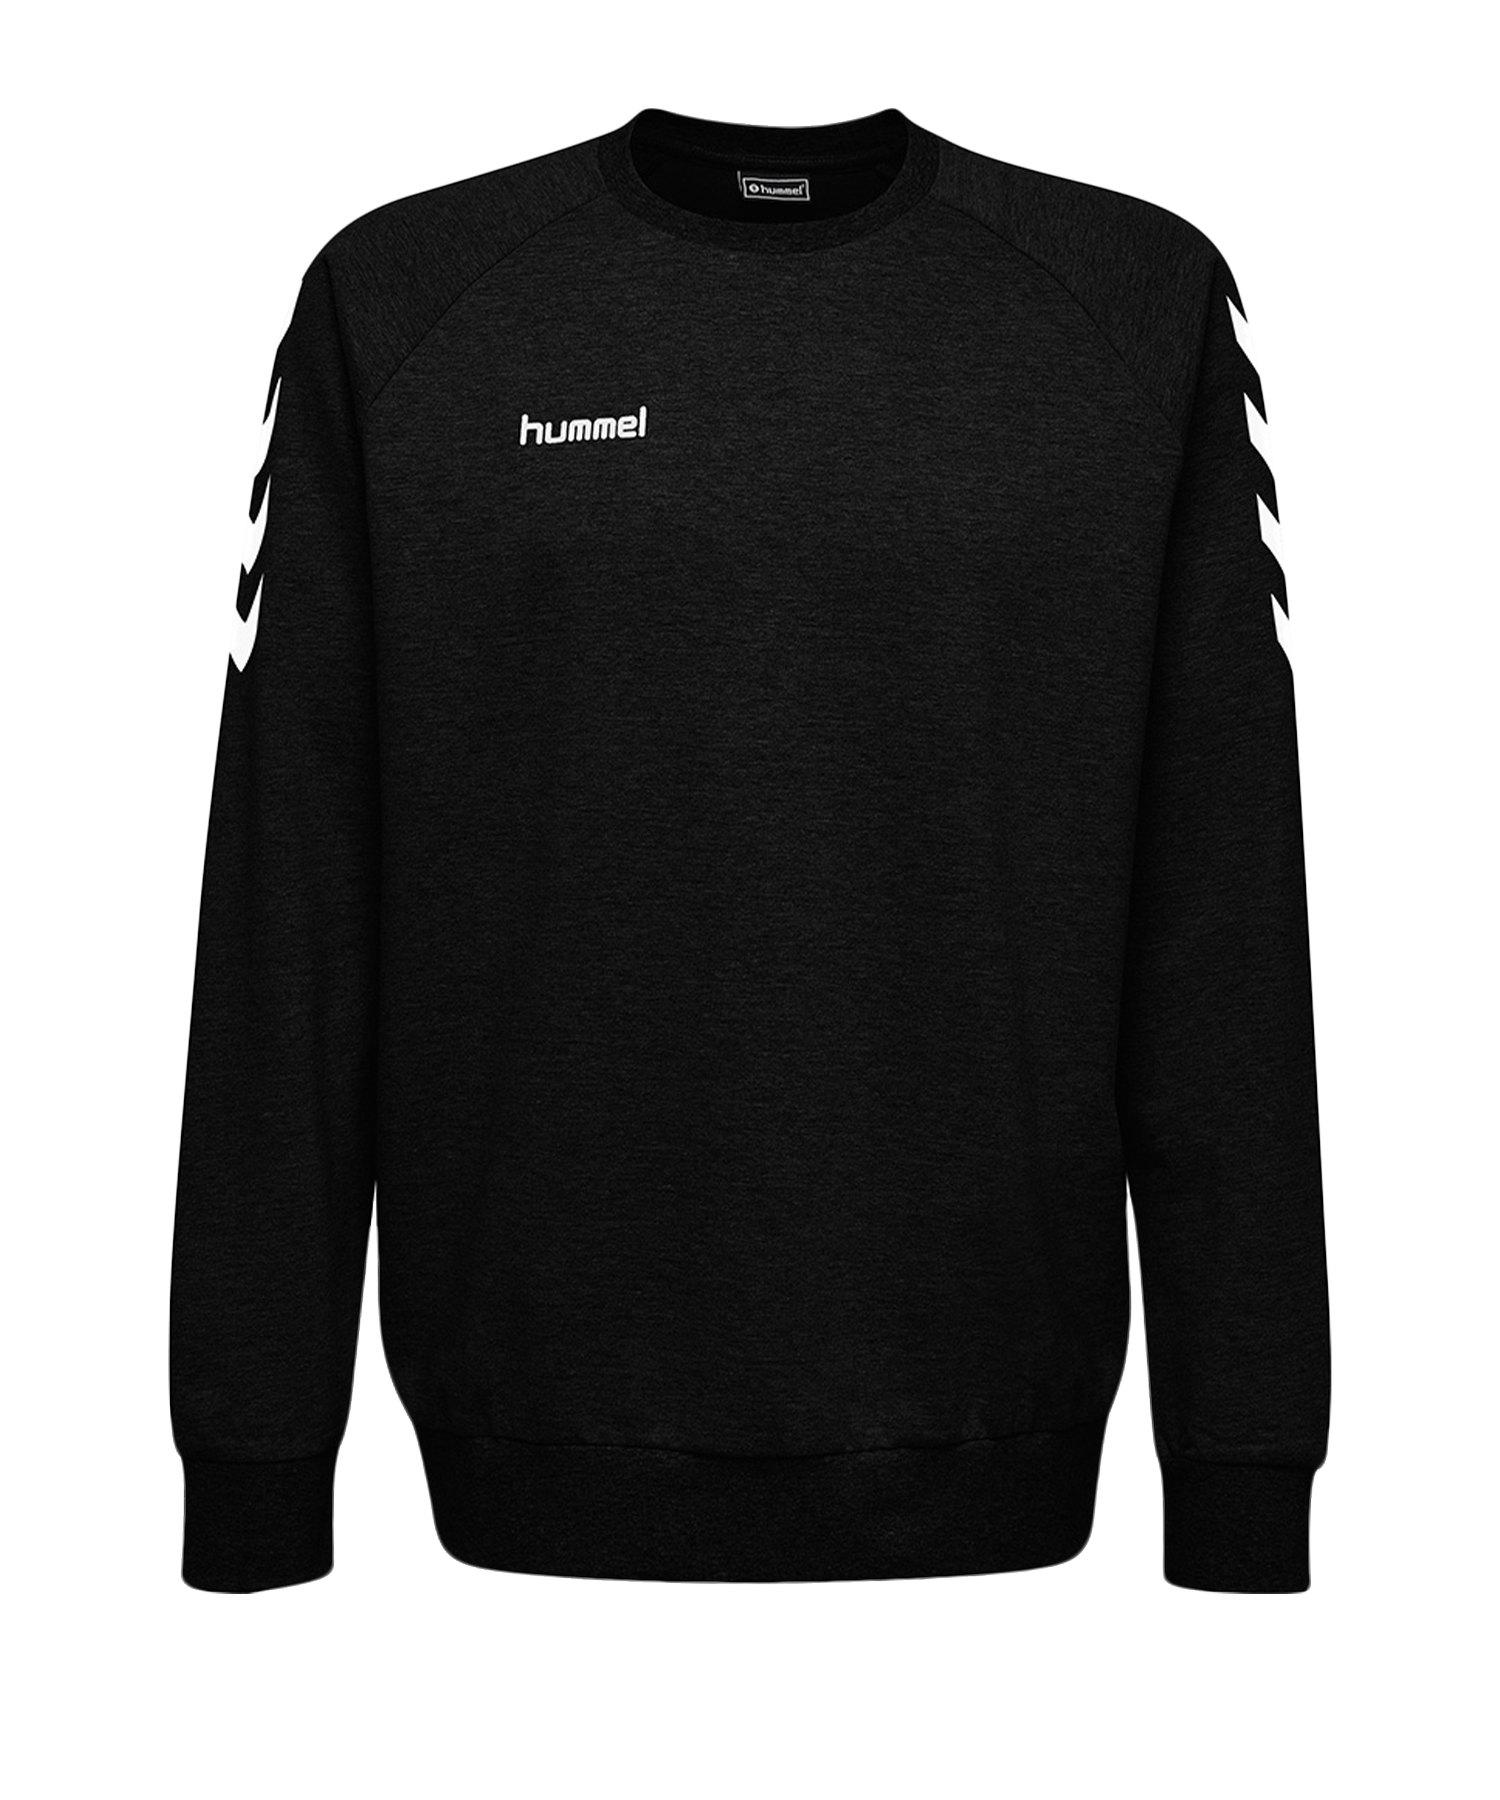 Hummel Cotton Sweatshirt Schwarz F2001 - Schwarz